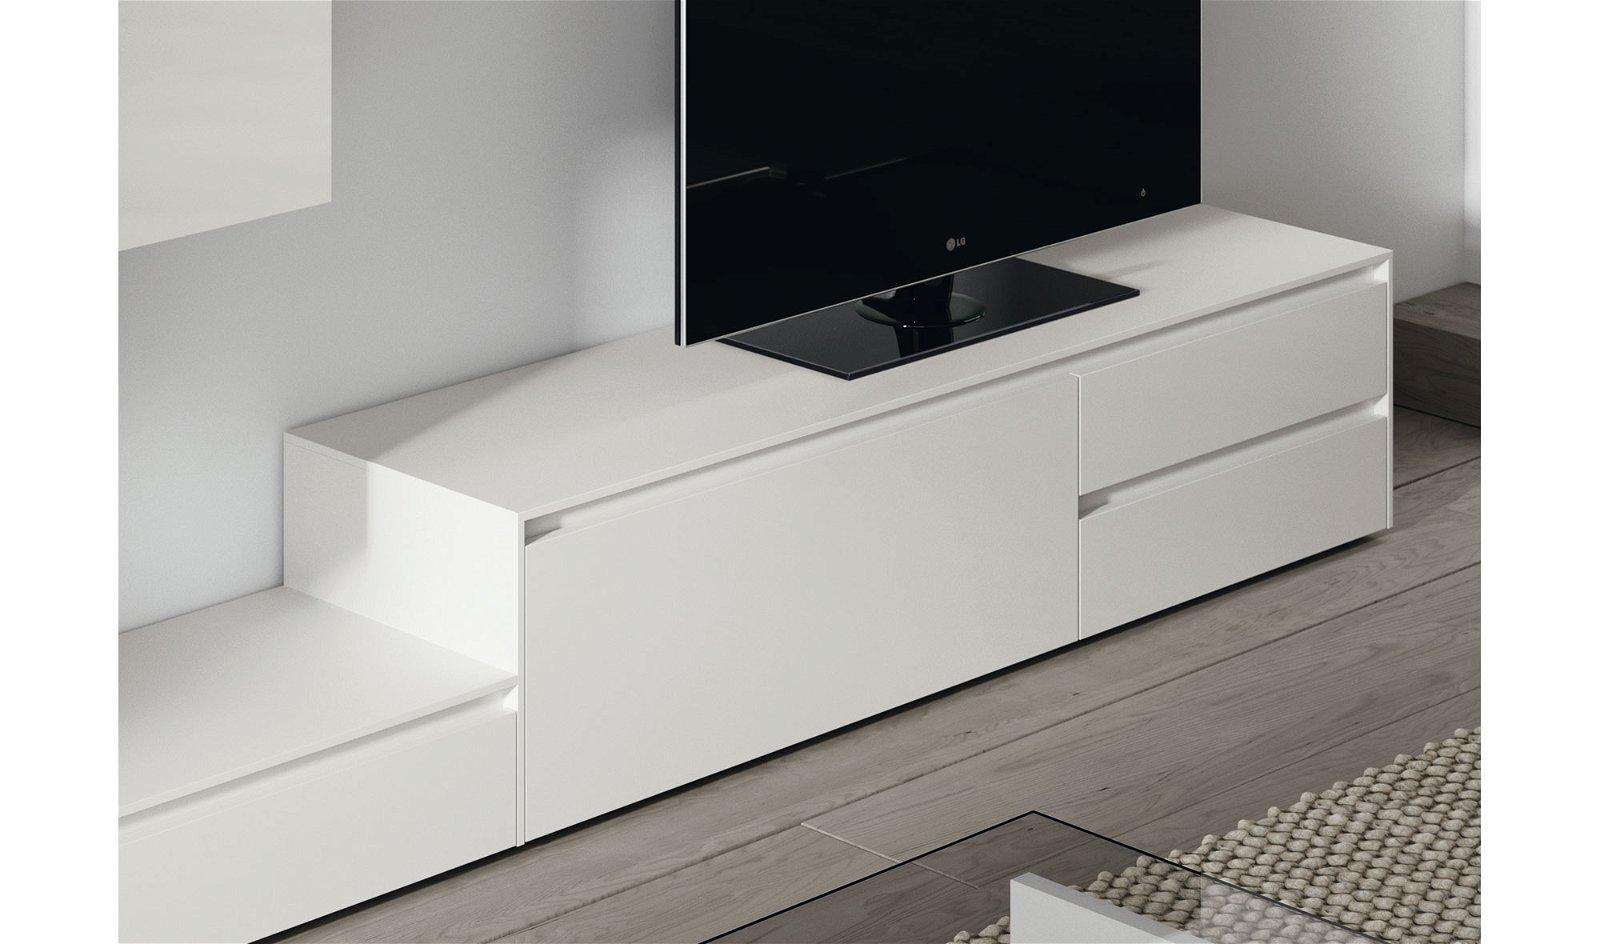 Mueble tv blanco lacado Naica